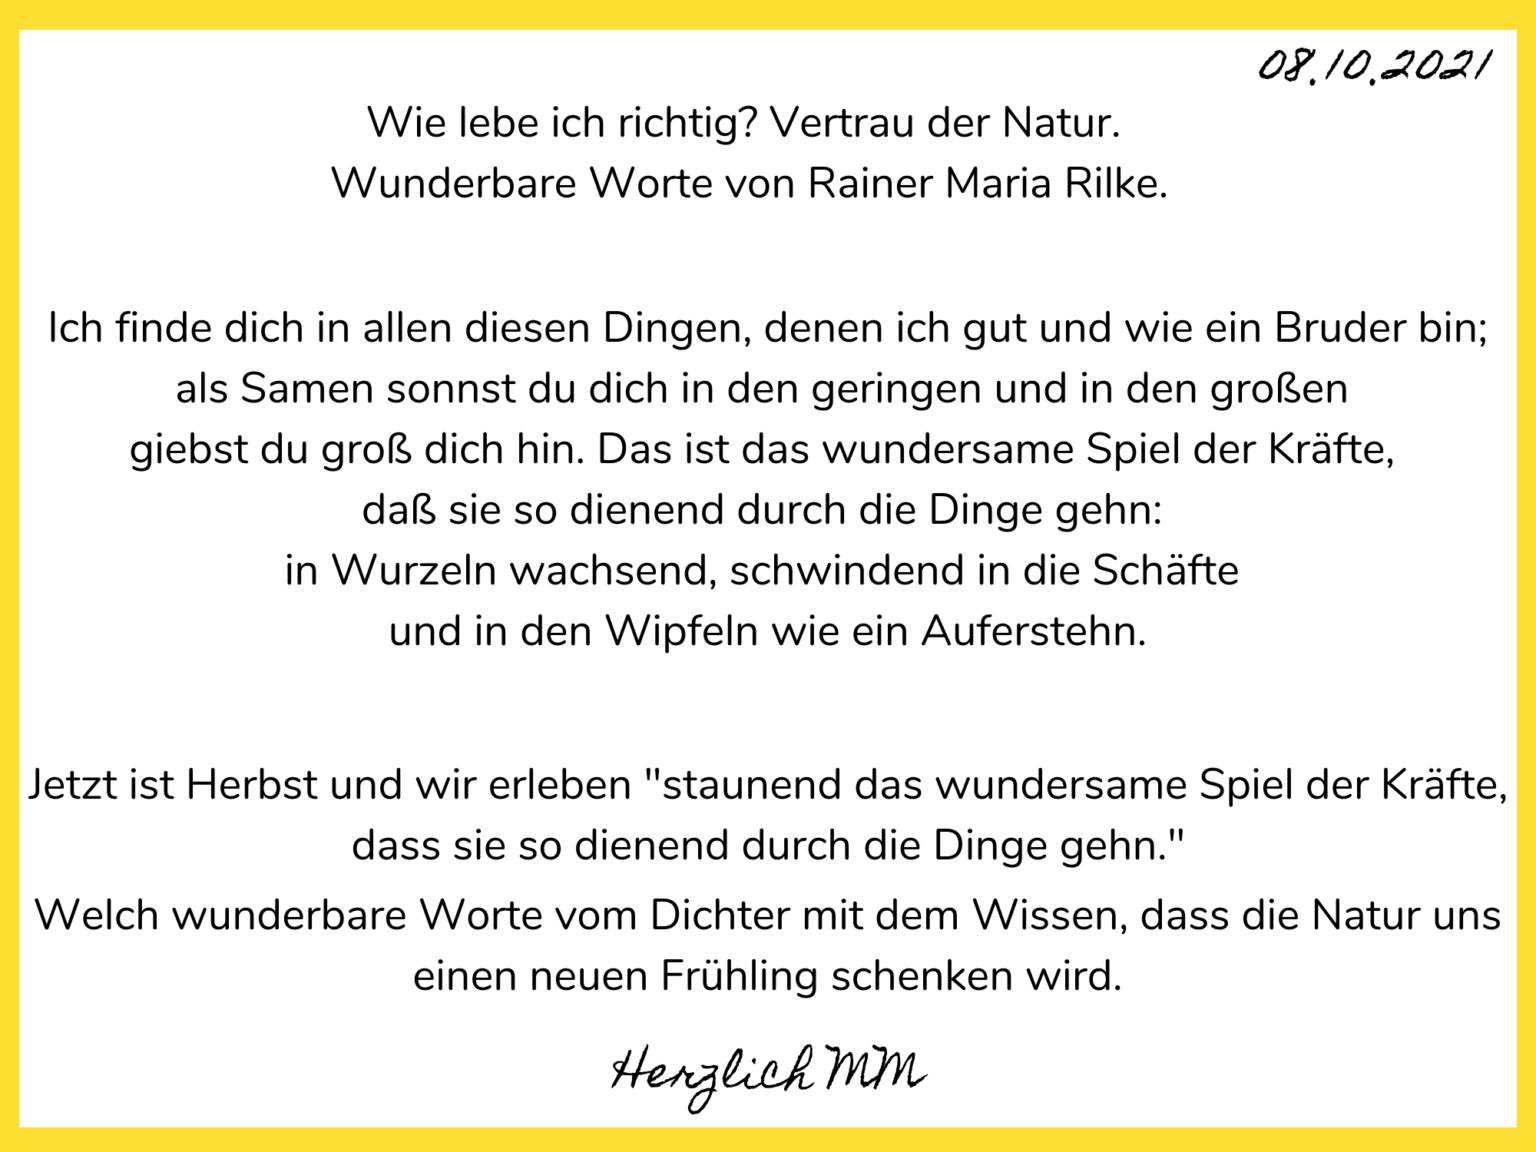 IWie lebe ich richtig Vertrau der Natur. Wunderbare Worte. Wunderbare Worte von Rainer Maria Rilke. (2)